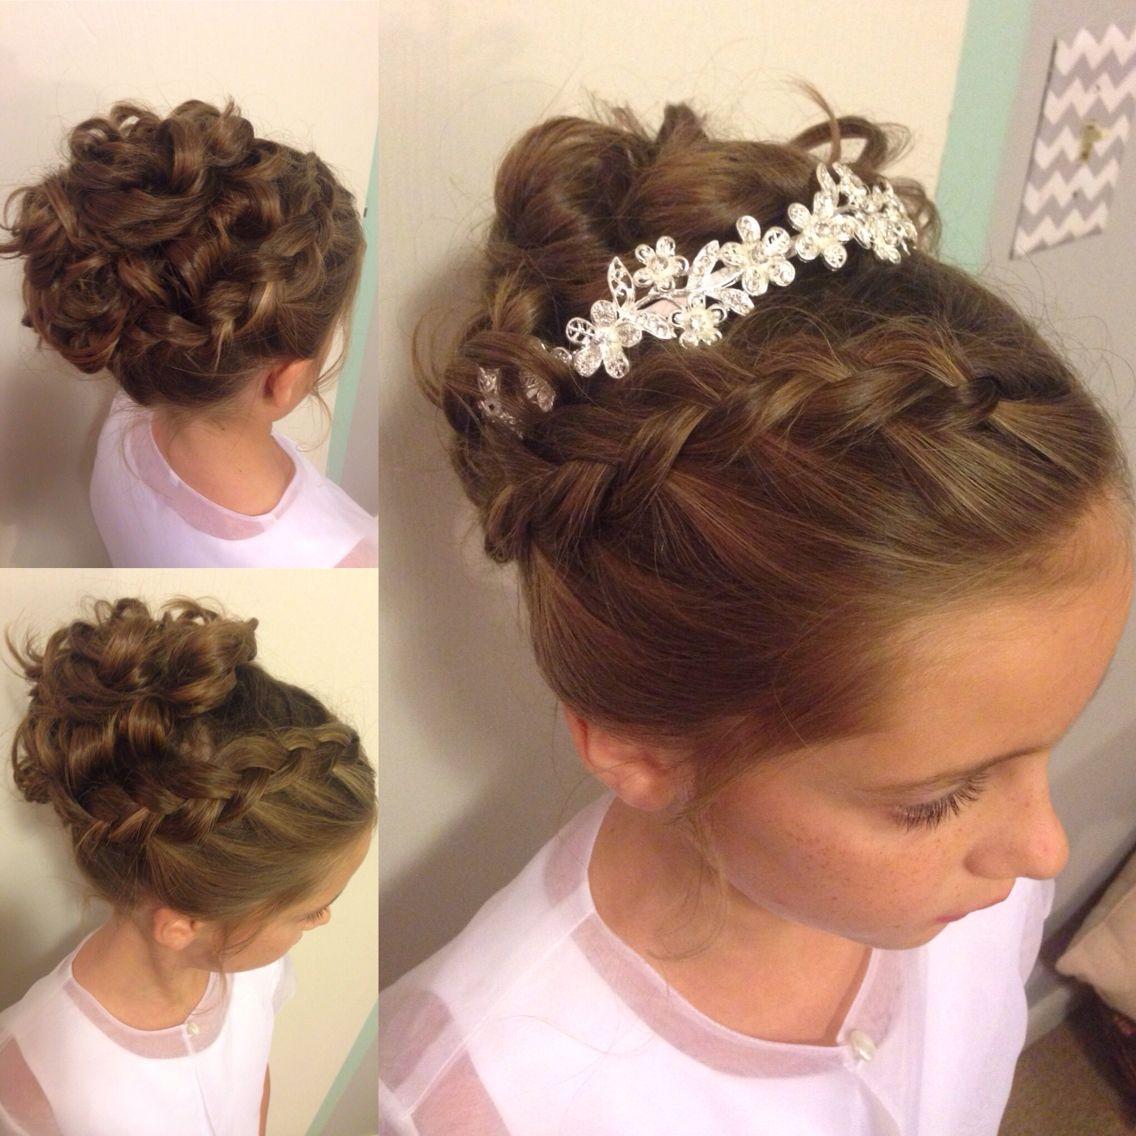 little girl updo. wedding hairstyle